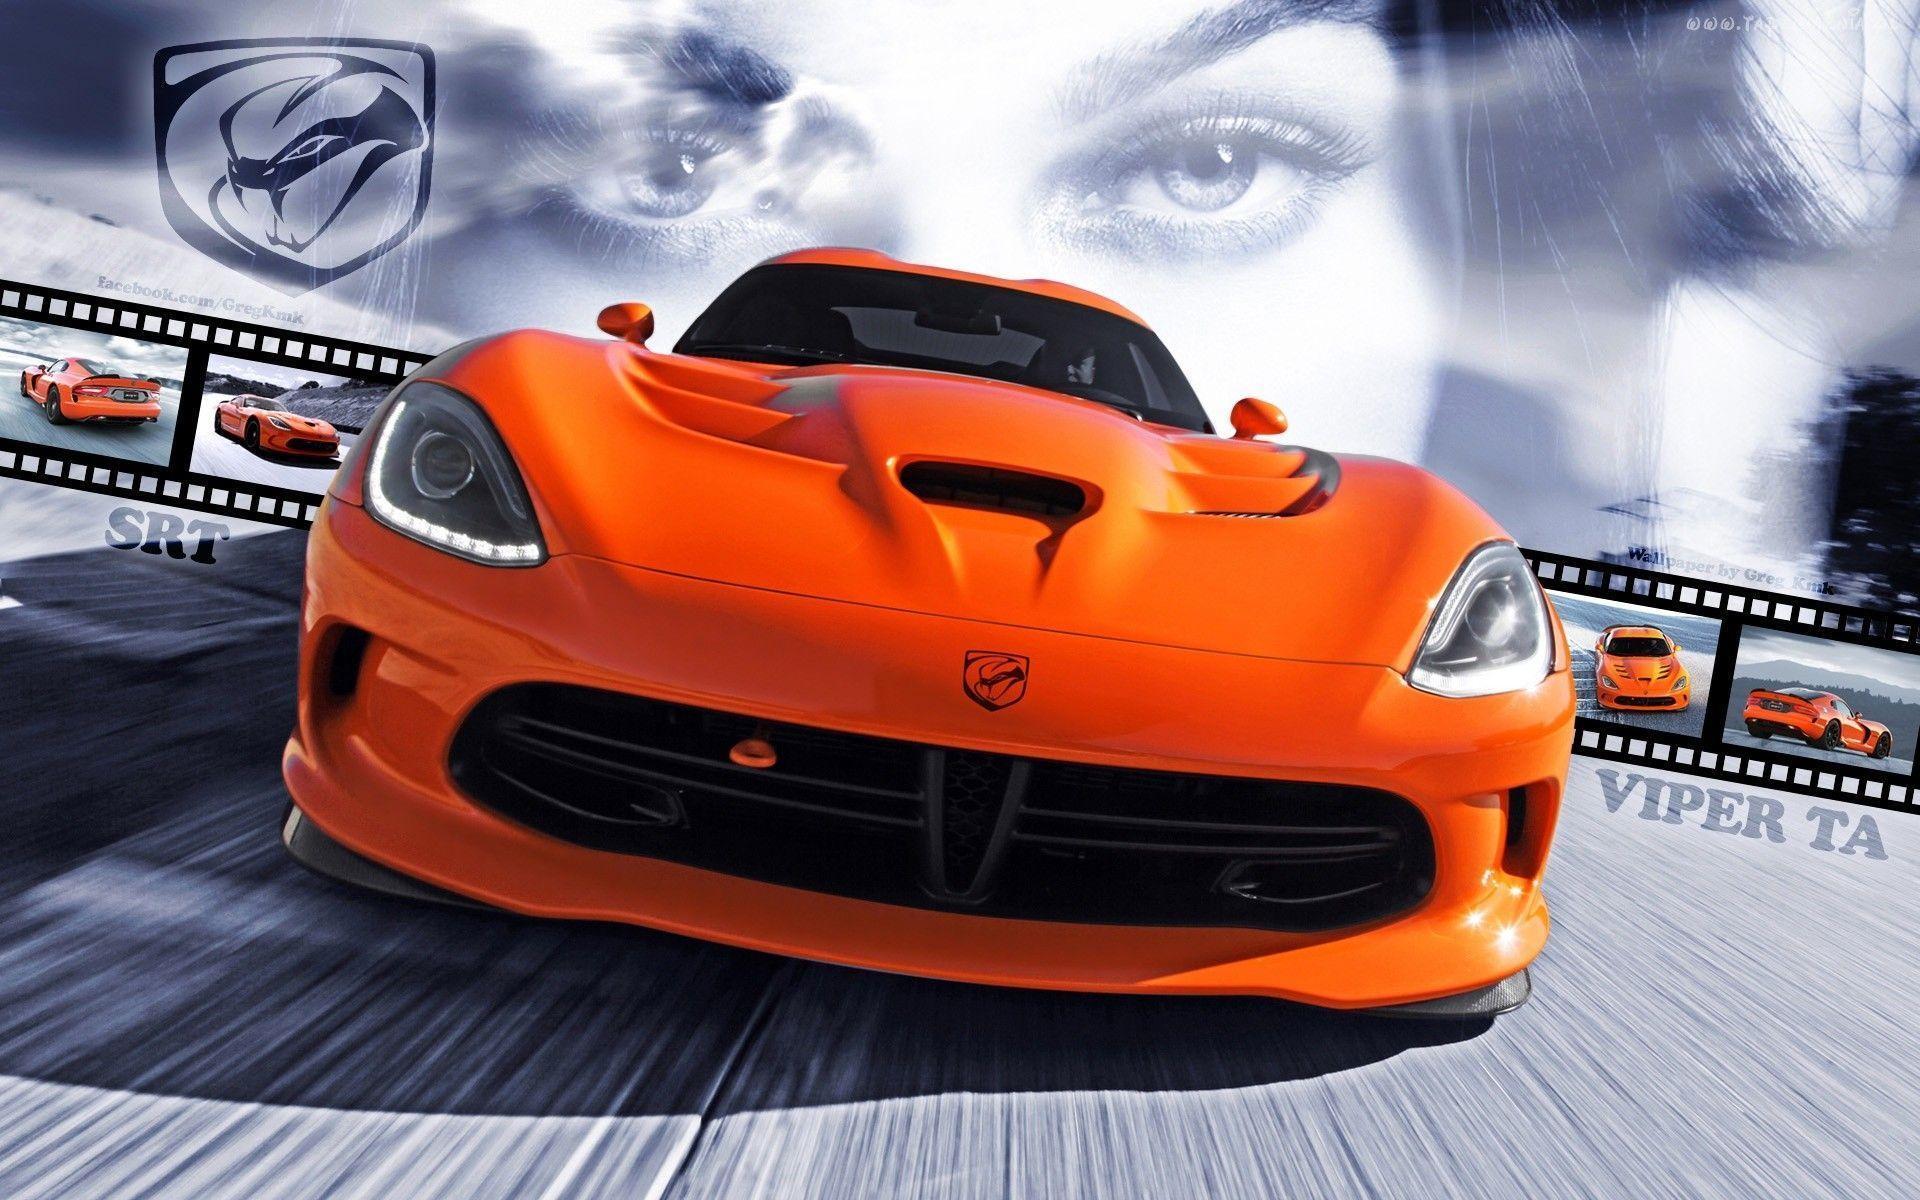 Dodge Viper GT 2015 Wallpapers HD - Wallpaper Cave